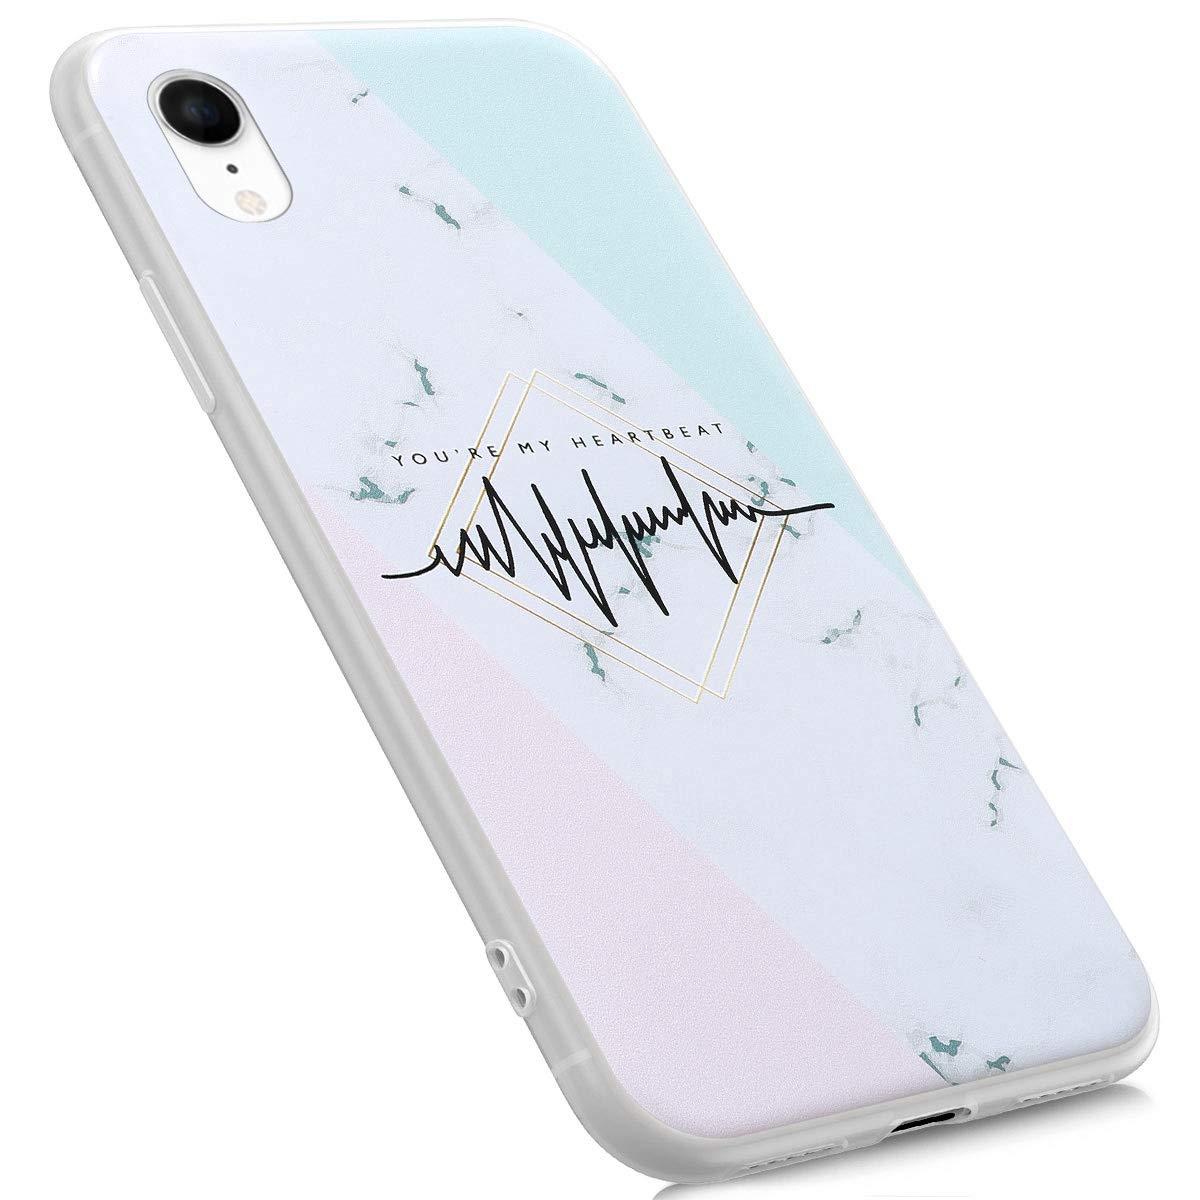 Felfy Marmo Cover Compatibile con iPhone XR Custodia Silicone Morbido,Compatibile con iPhone XR Cover Marmo Silicona Bianco Case Ultra Slim Trasparente Bumper Antiurto TPU Cover.Marmo#04